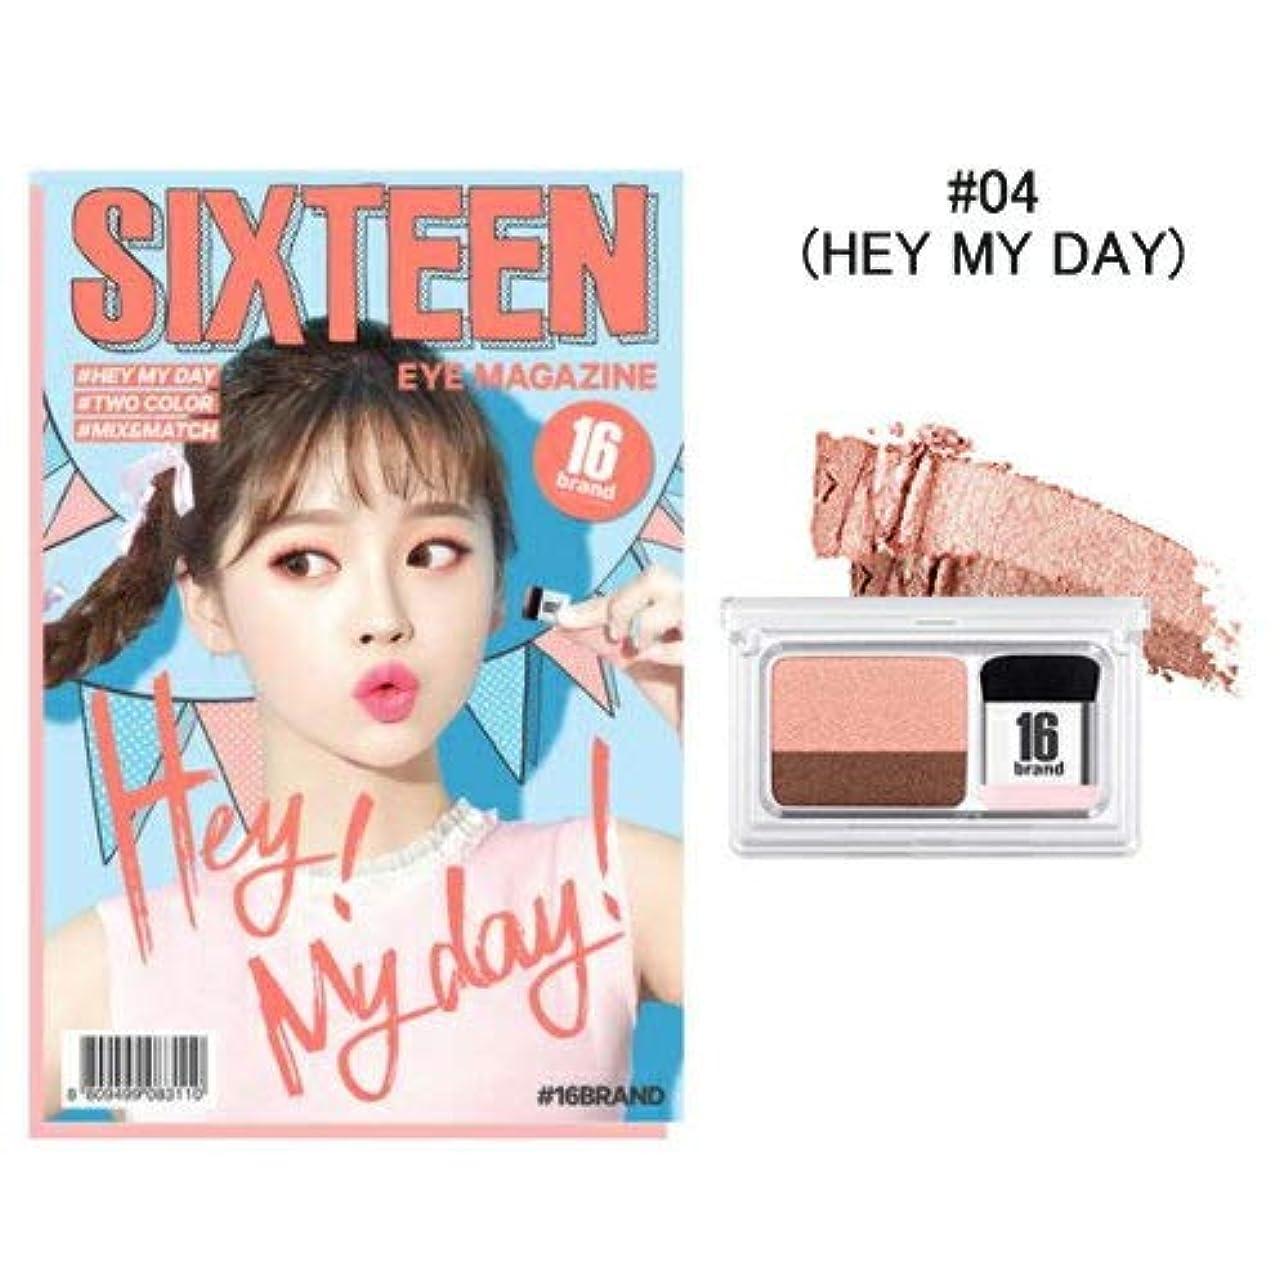 拡張ボトル脱臼する[New Color] 16brand Sixteen Eye Magazine 2g /16ブランド シックスティーン アイ マガジン 2g (#04 HEY MY DAY) [並行輸入品]